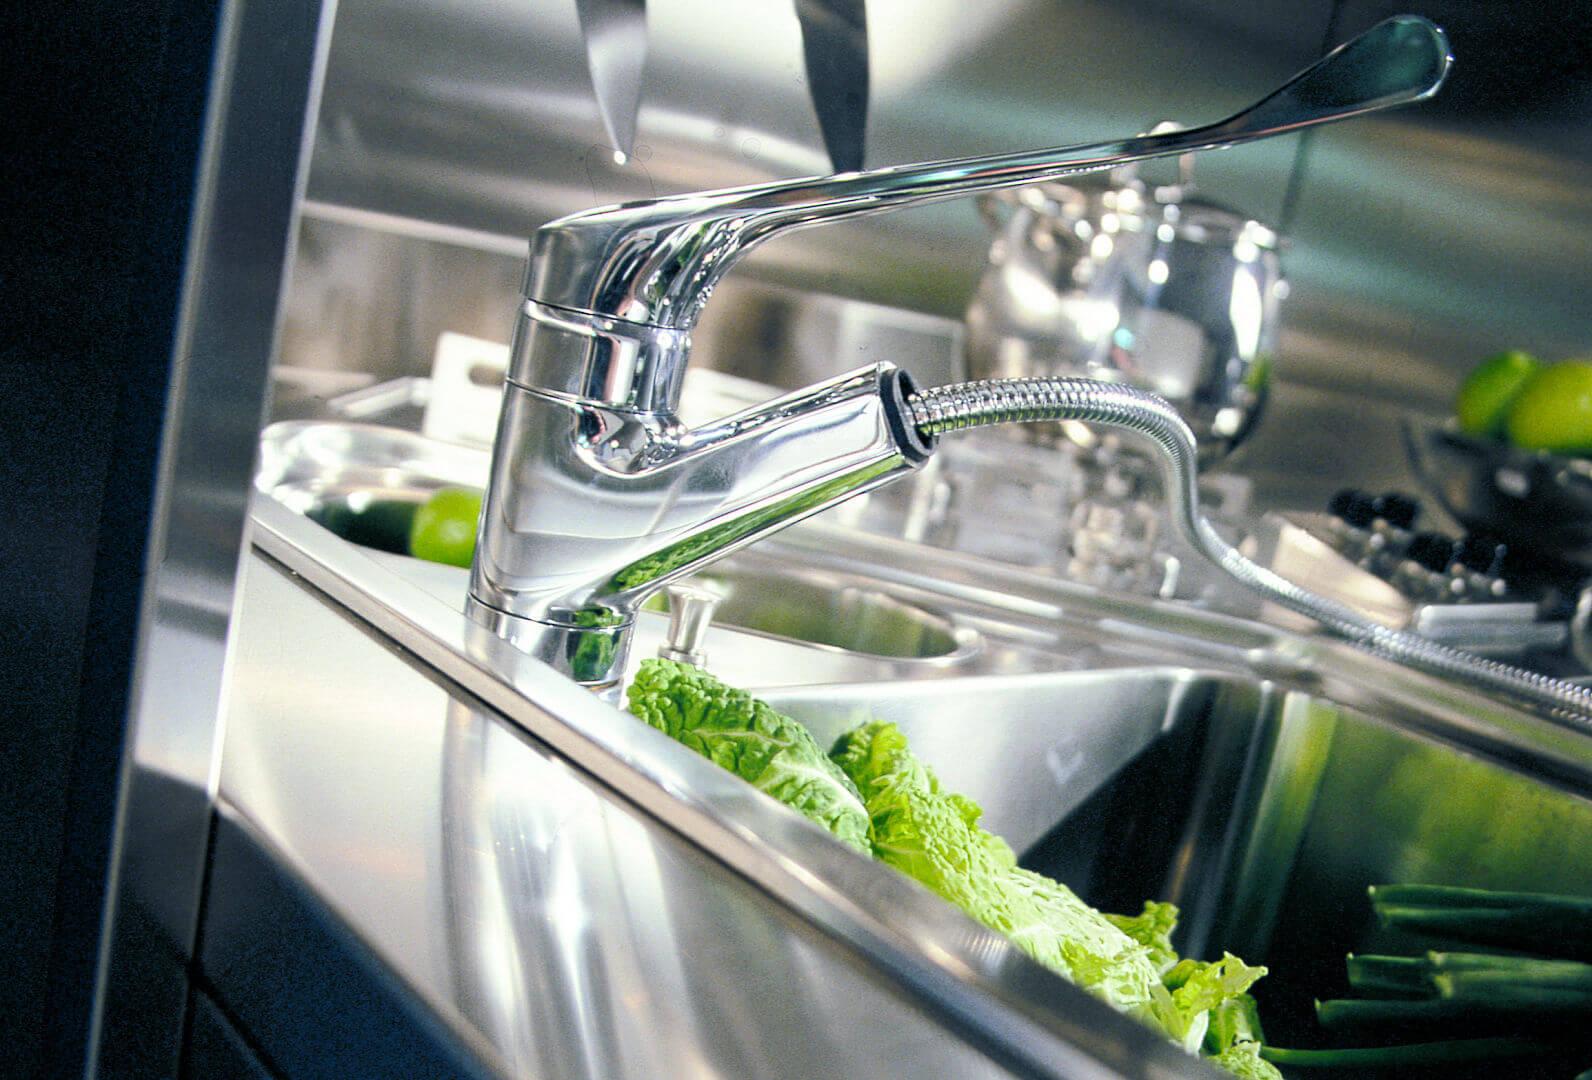 Arca Cucine Italia - Cucina Domestica in Acciaio Inox e Vetro - Wagon - Miscelatore